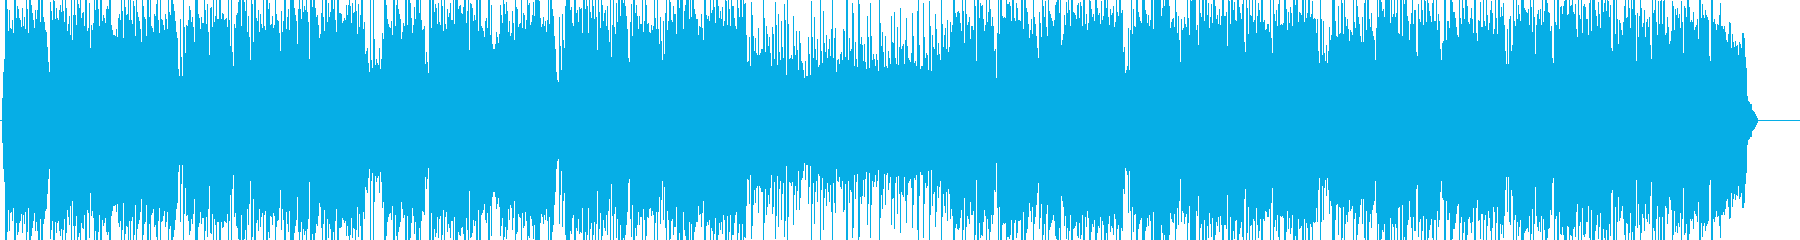 爽やかな笛のヒーリング音楽の再生済みの波形